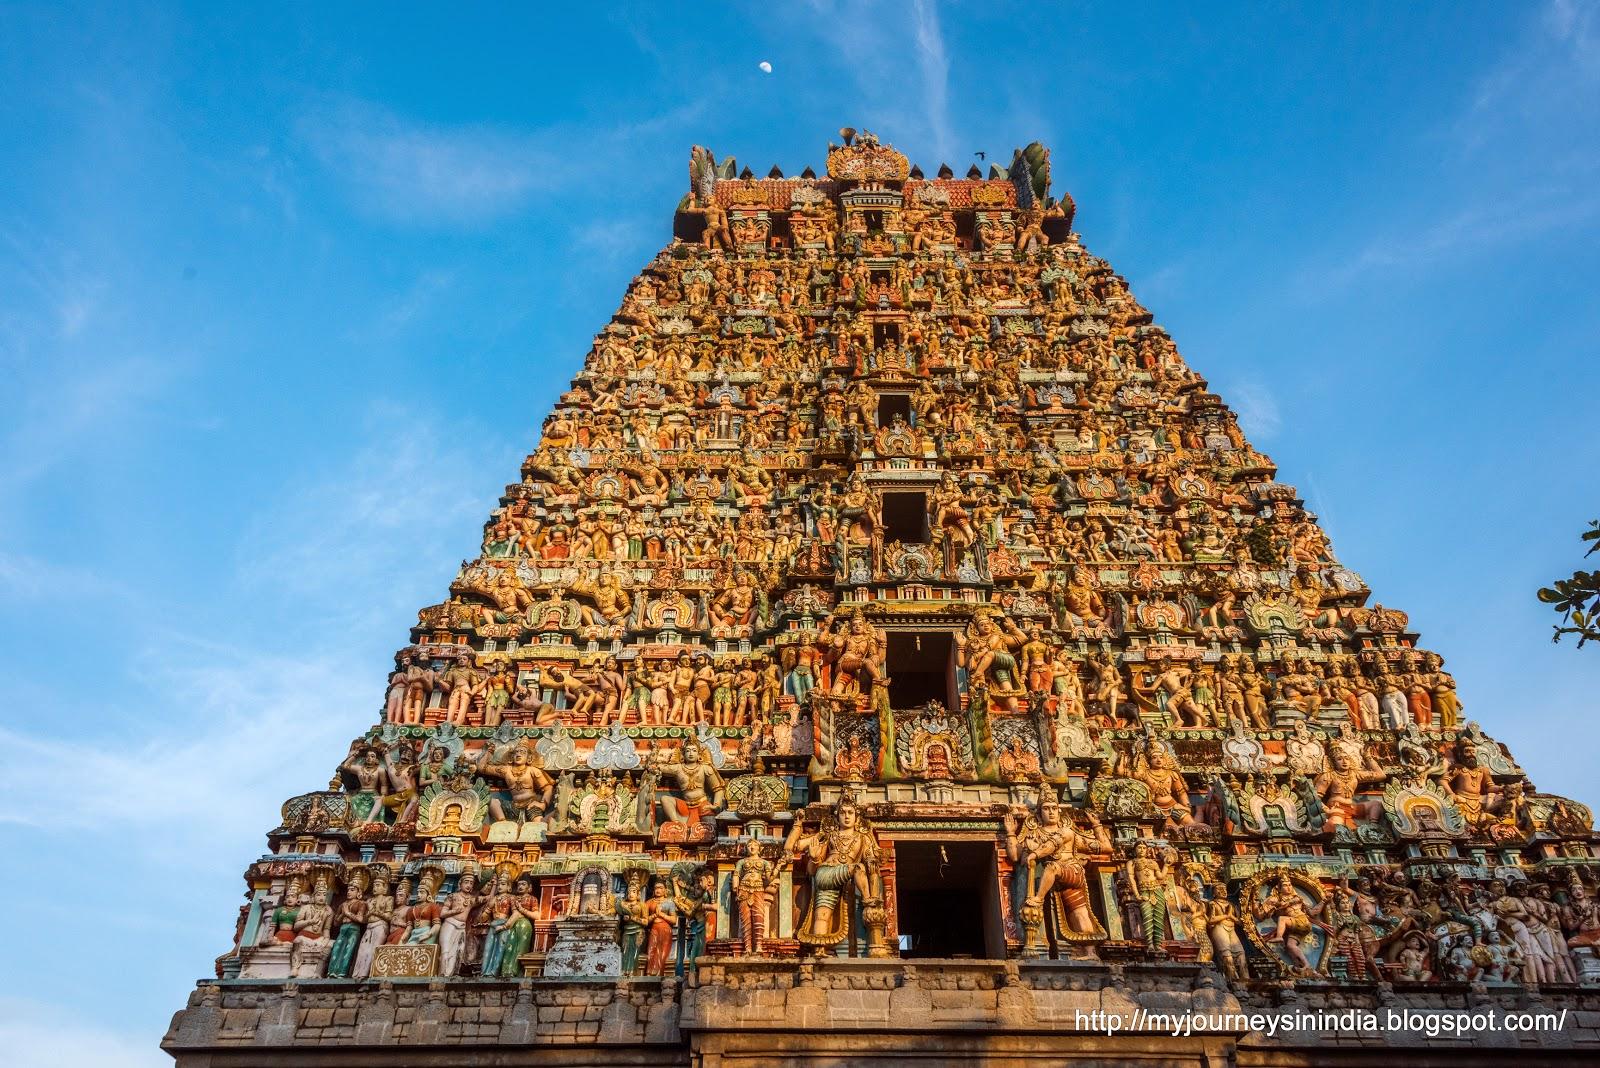 Thiruppanandal ArunaJadeswarar Temple Tower and Moon